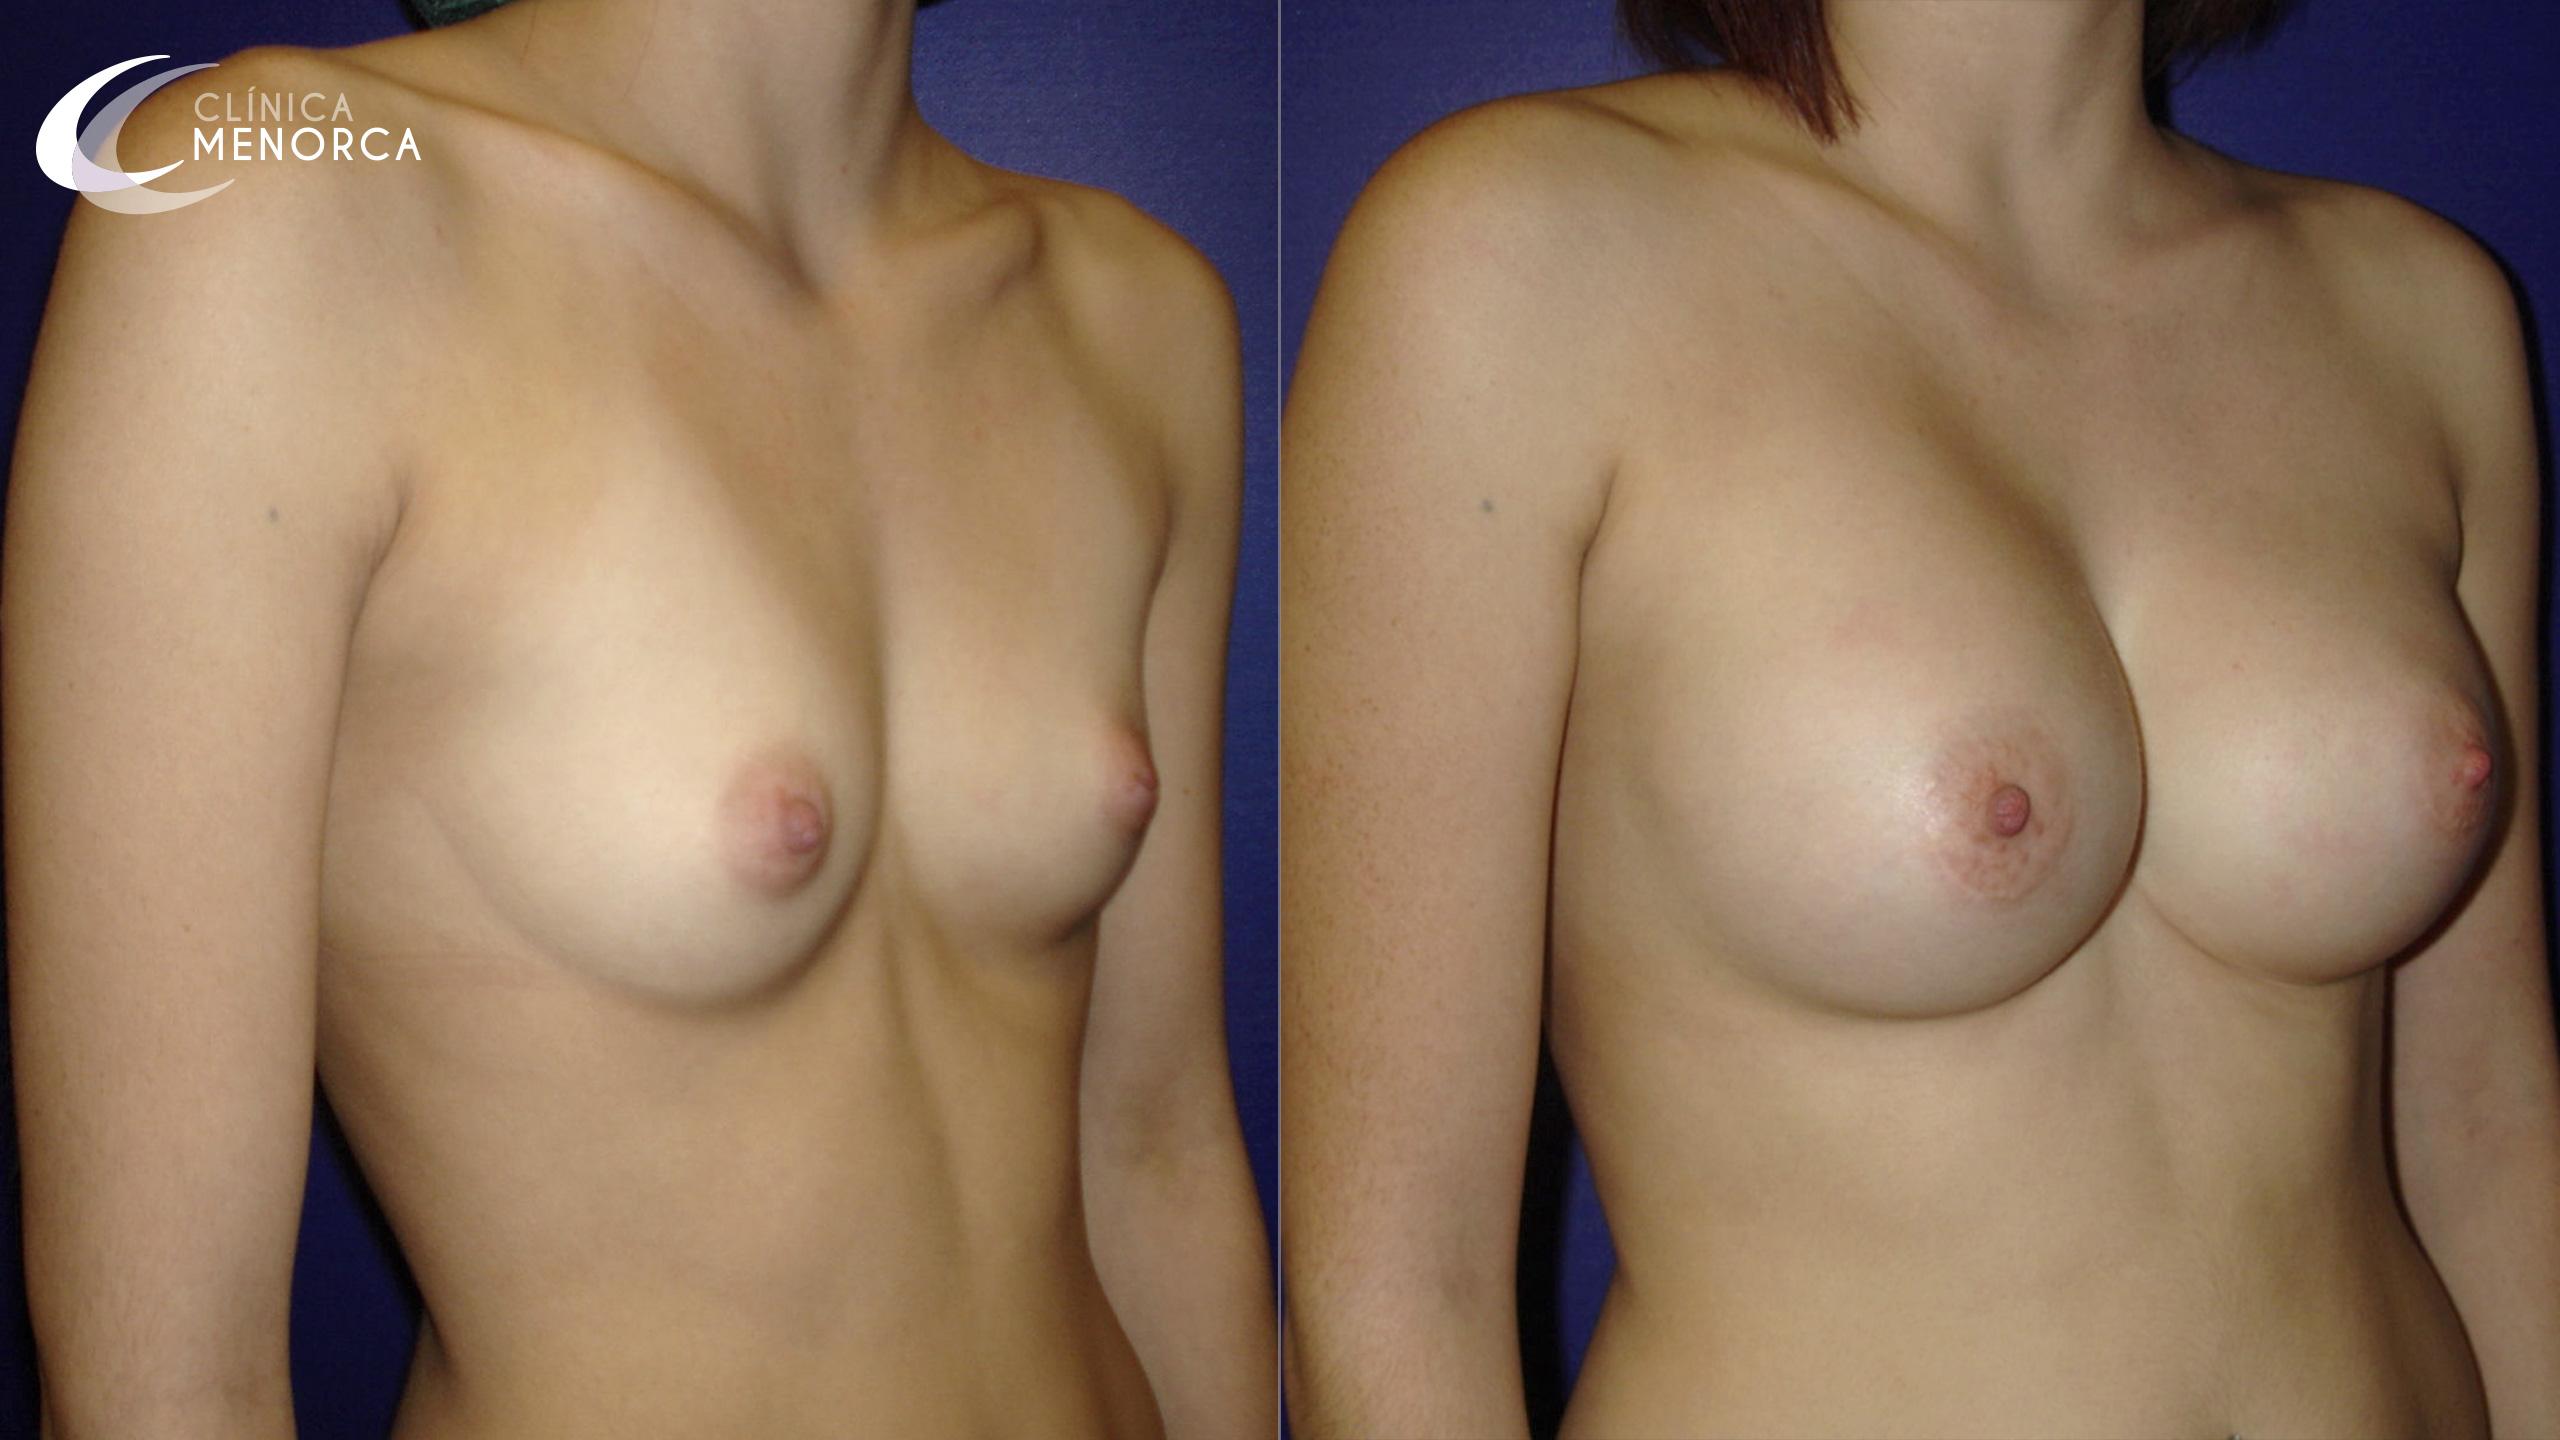 Fotos de antes y después de un aumento de senos.